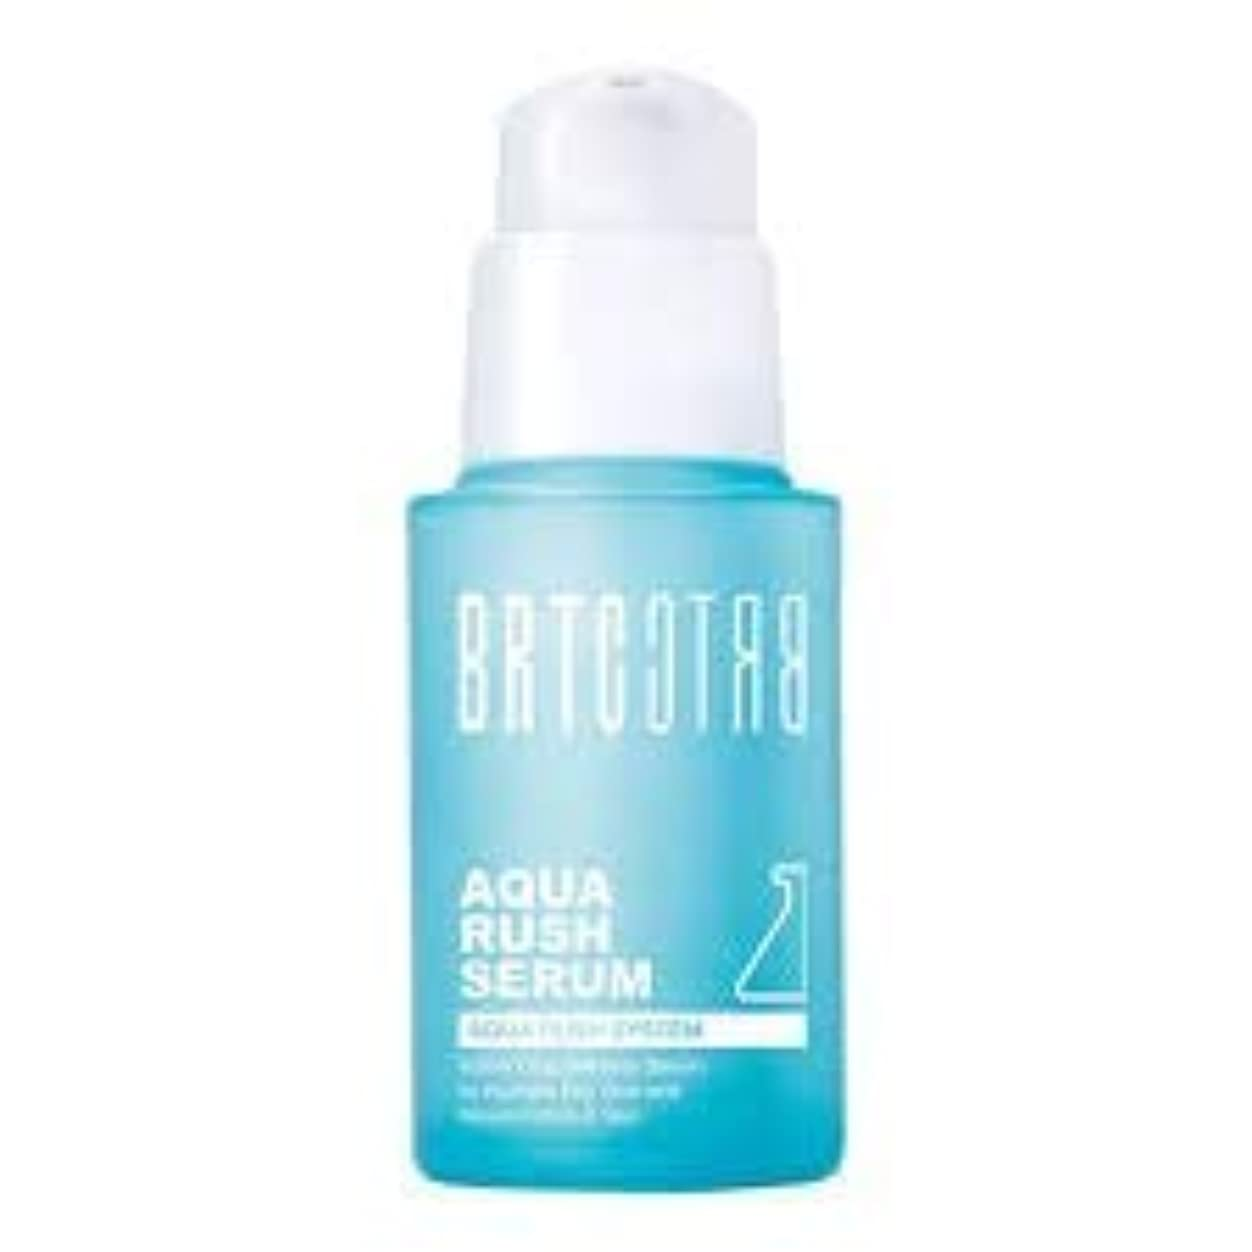 履歴書エンターテインメント明確にBRTC AQUAは、30ミリリットルに血清ミネラル血清をキャッチ鈍いと明るい乾燥肌に潤いを低下します